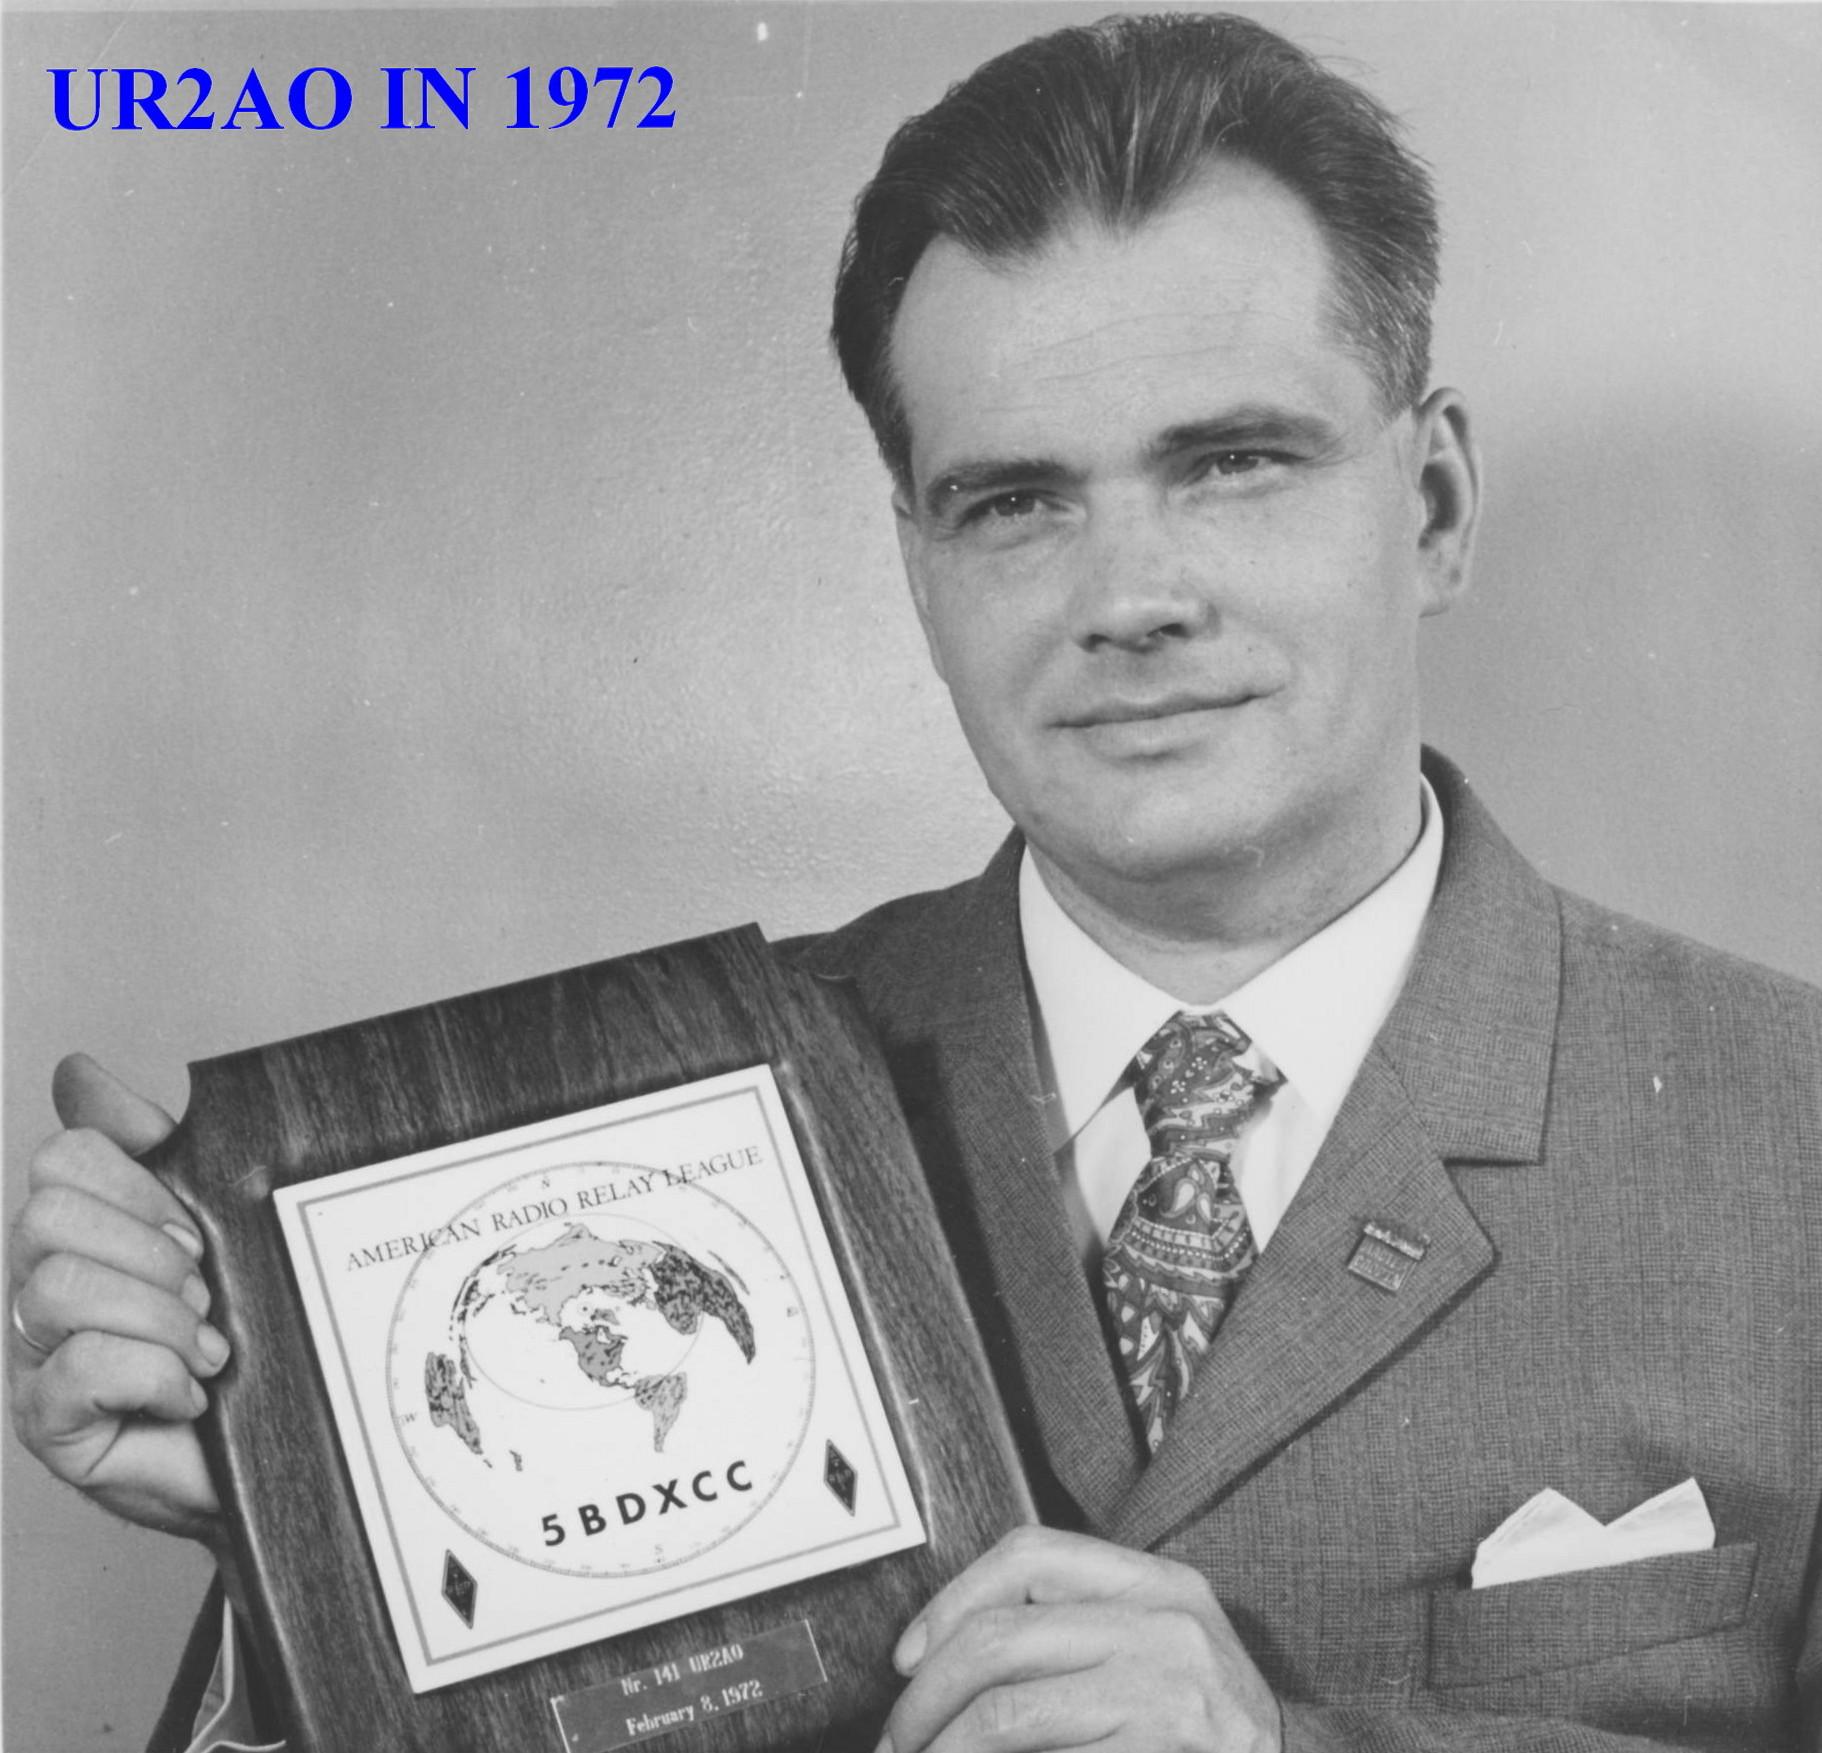 Нажмите на изображение для увеличения.  Название:UR2AO'72+.jpg Просмотров:2 Размер:478.7 Кб ID:194329